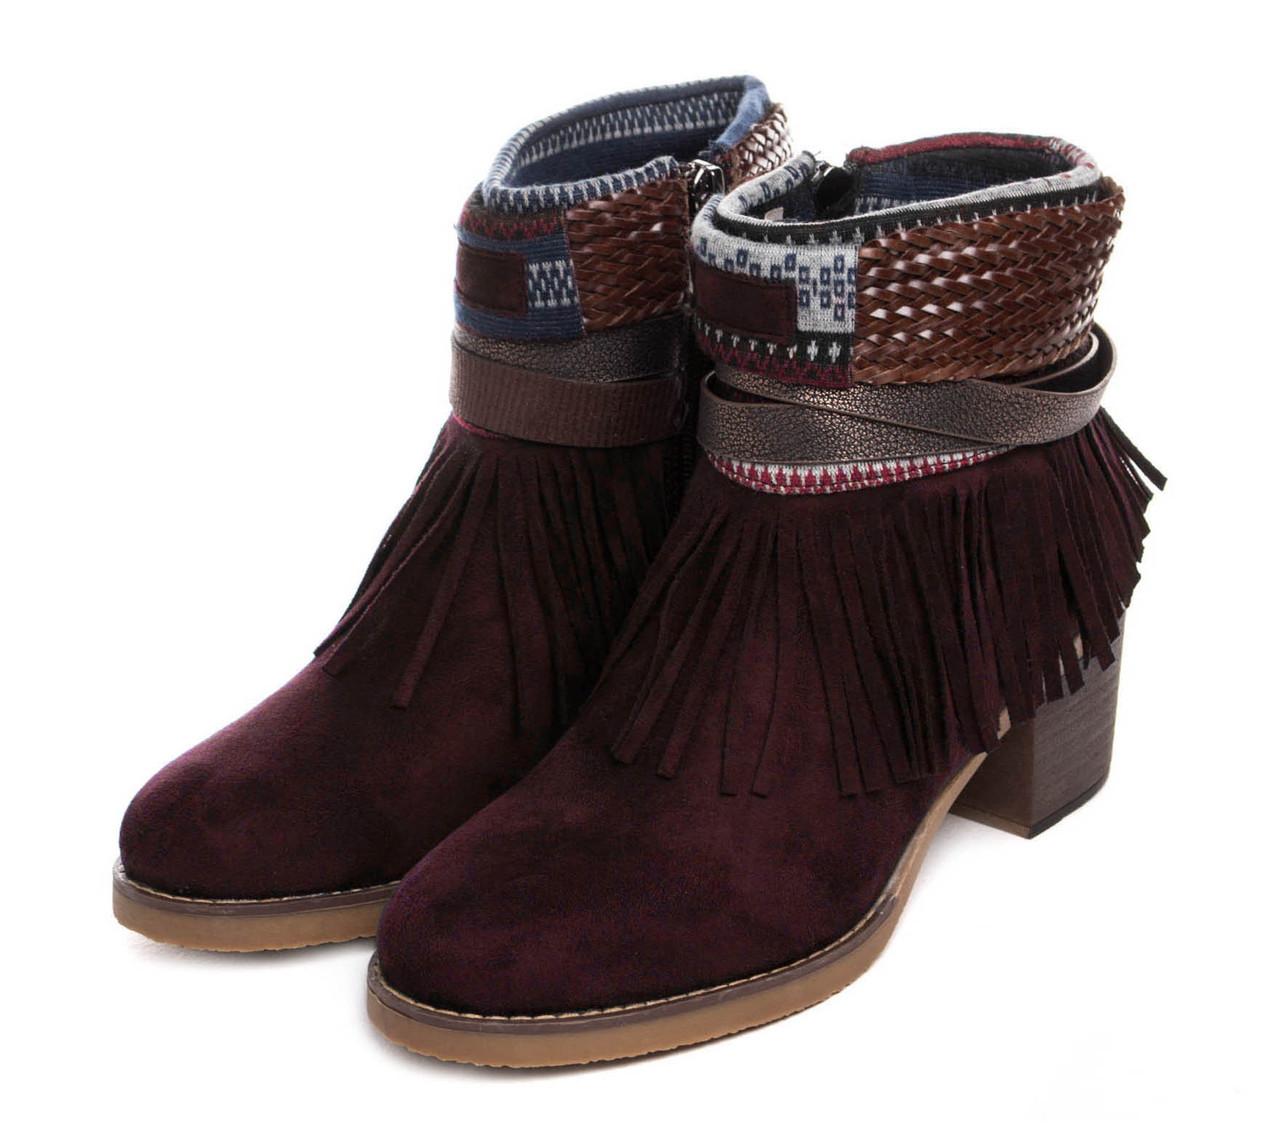 Жіночі черевики Kylie kantri 36 burdeos